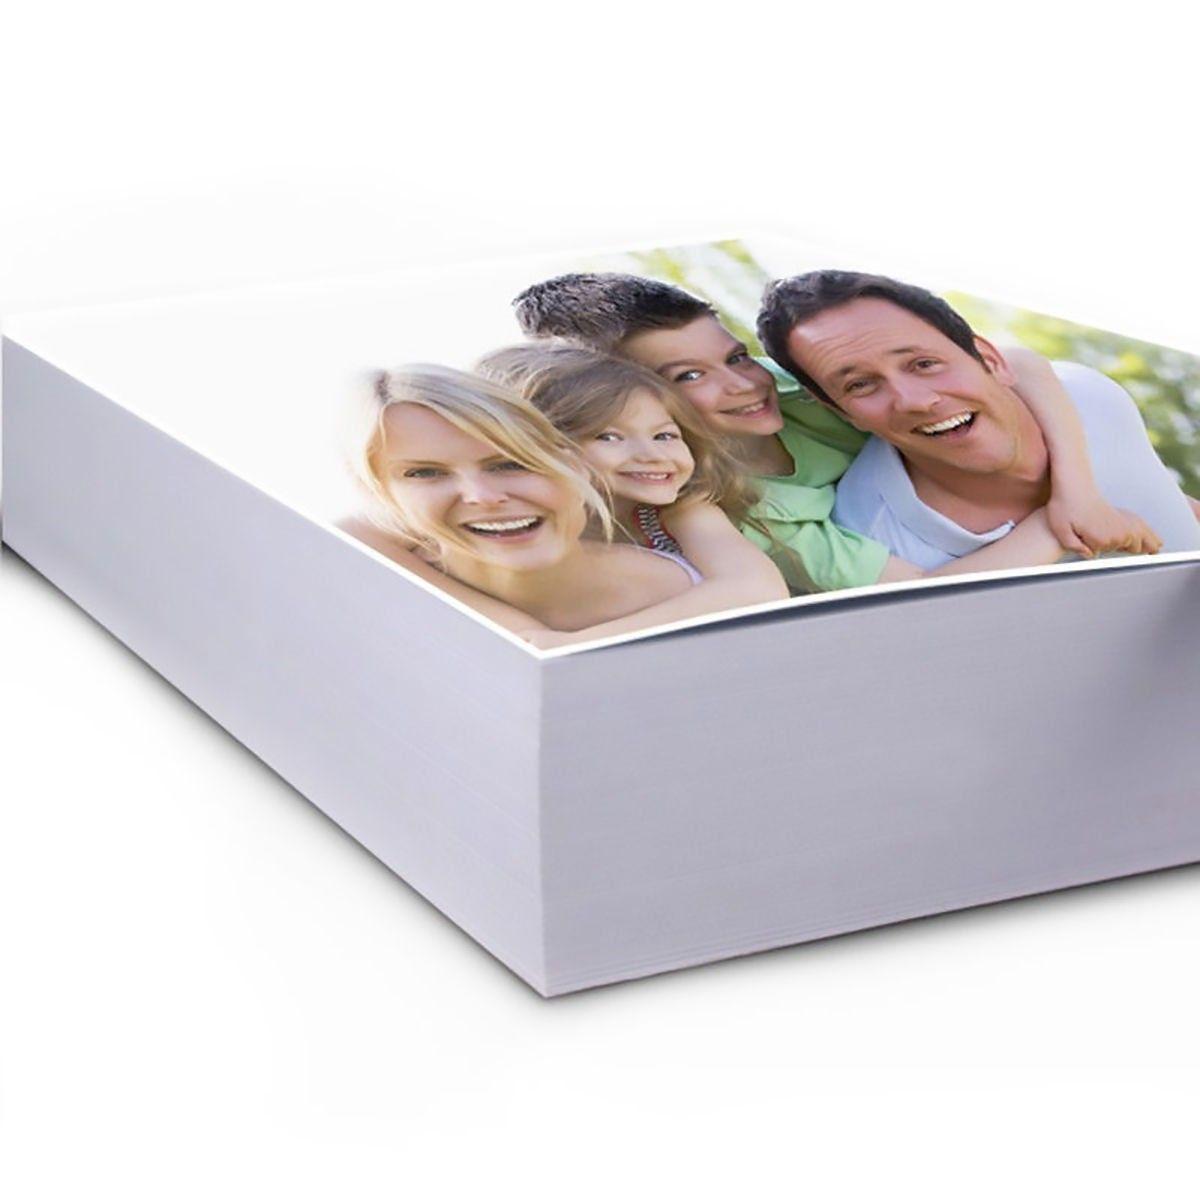 Papel Fotográfico A4 180g Glossy Branco Brilhante Resistente à Água / 1000 folhas